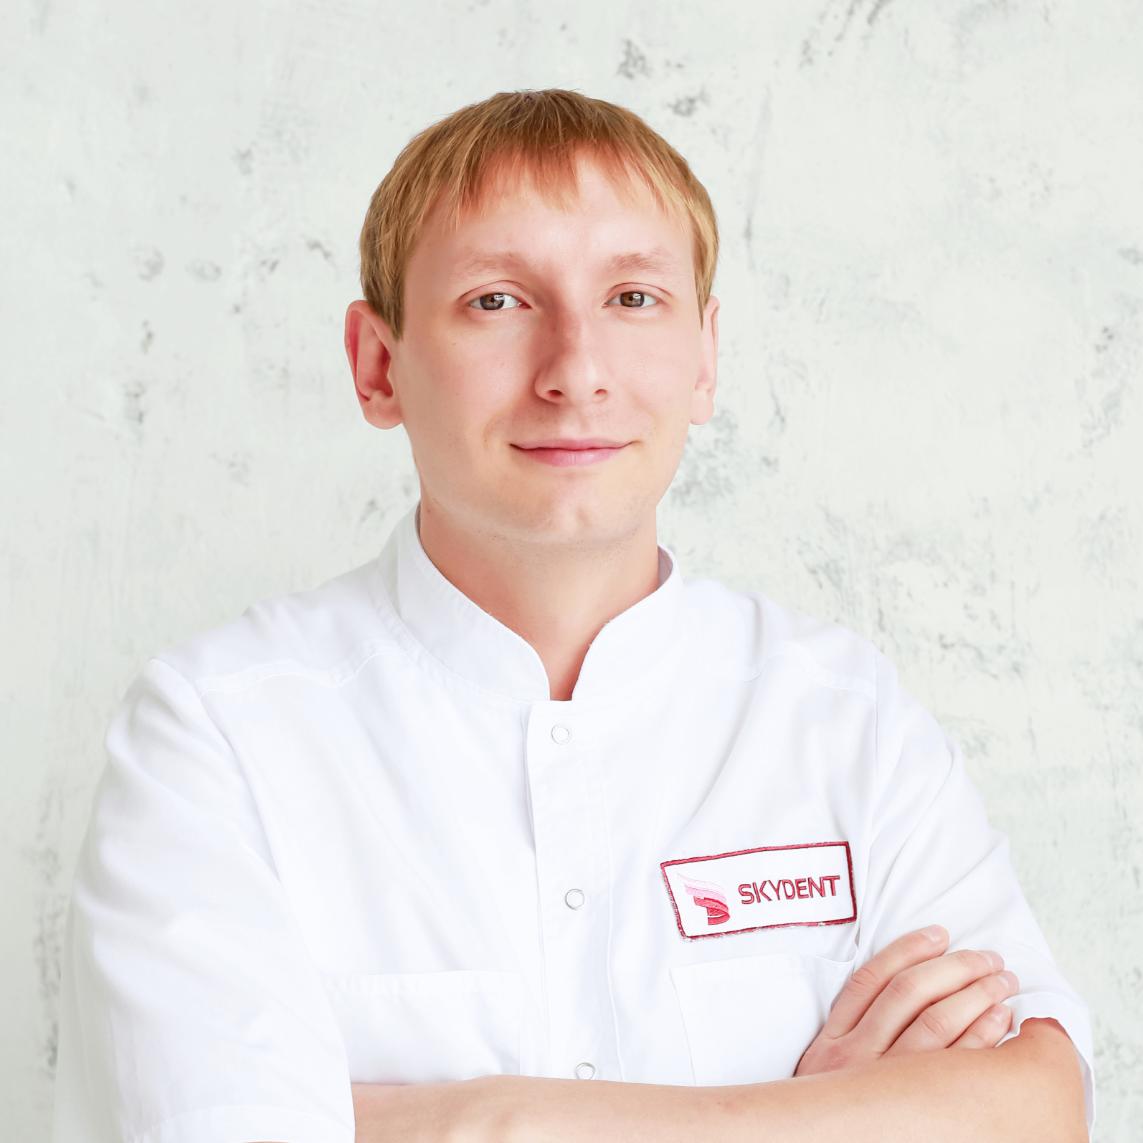 Щербаков Алексей Игоревич - фотография